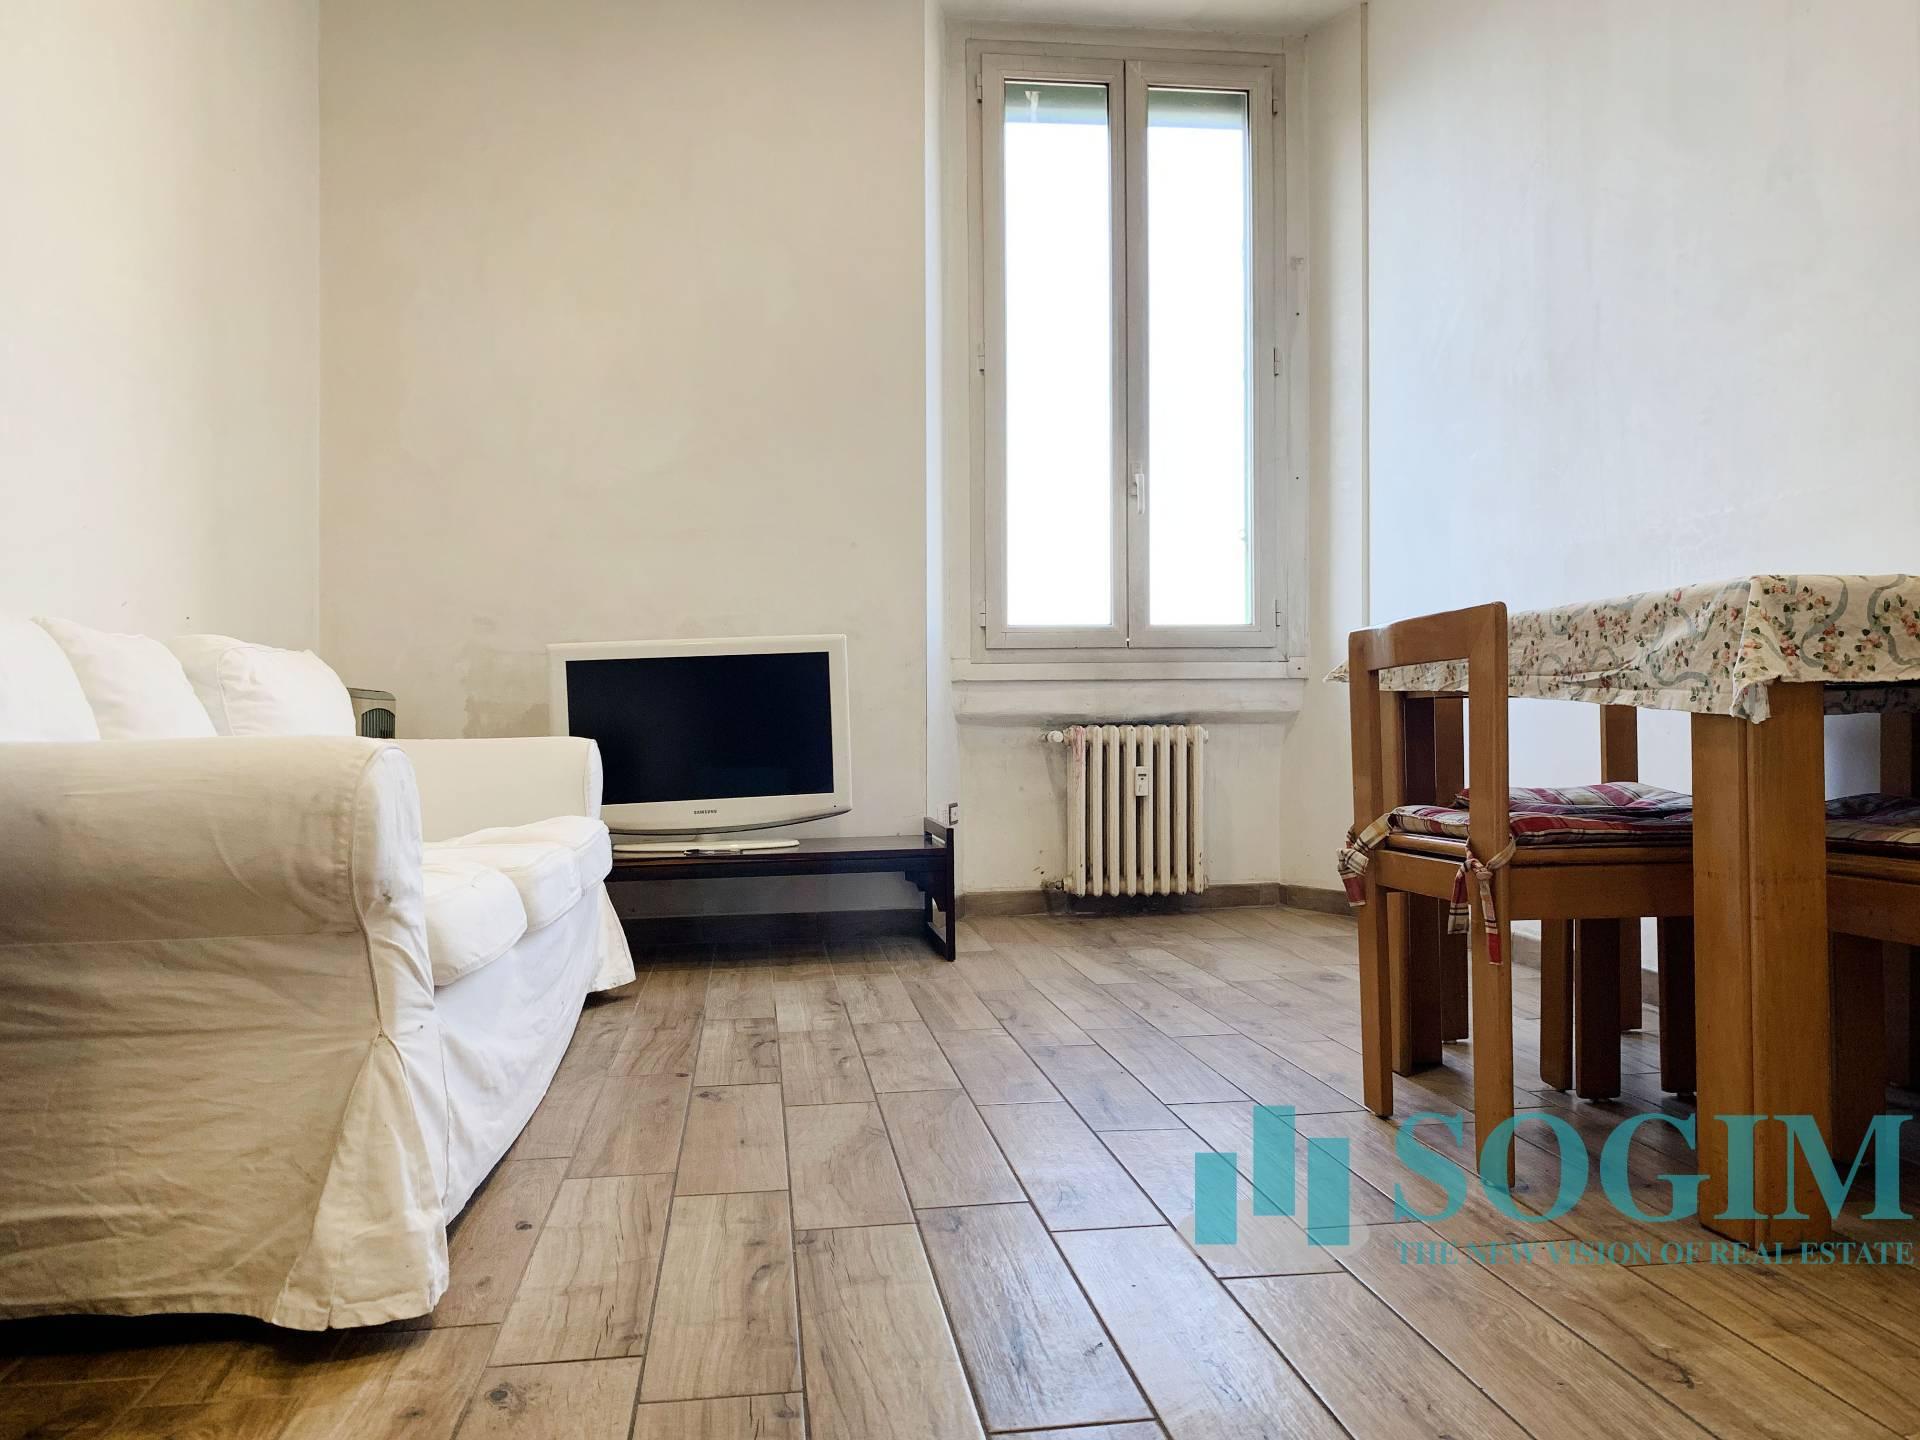 Appartamento in vendita a Sesto San Giovanni, 2 locali, prezzo € 99.000 | PortaleAgenzieImmobiliari.it